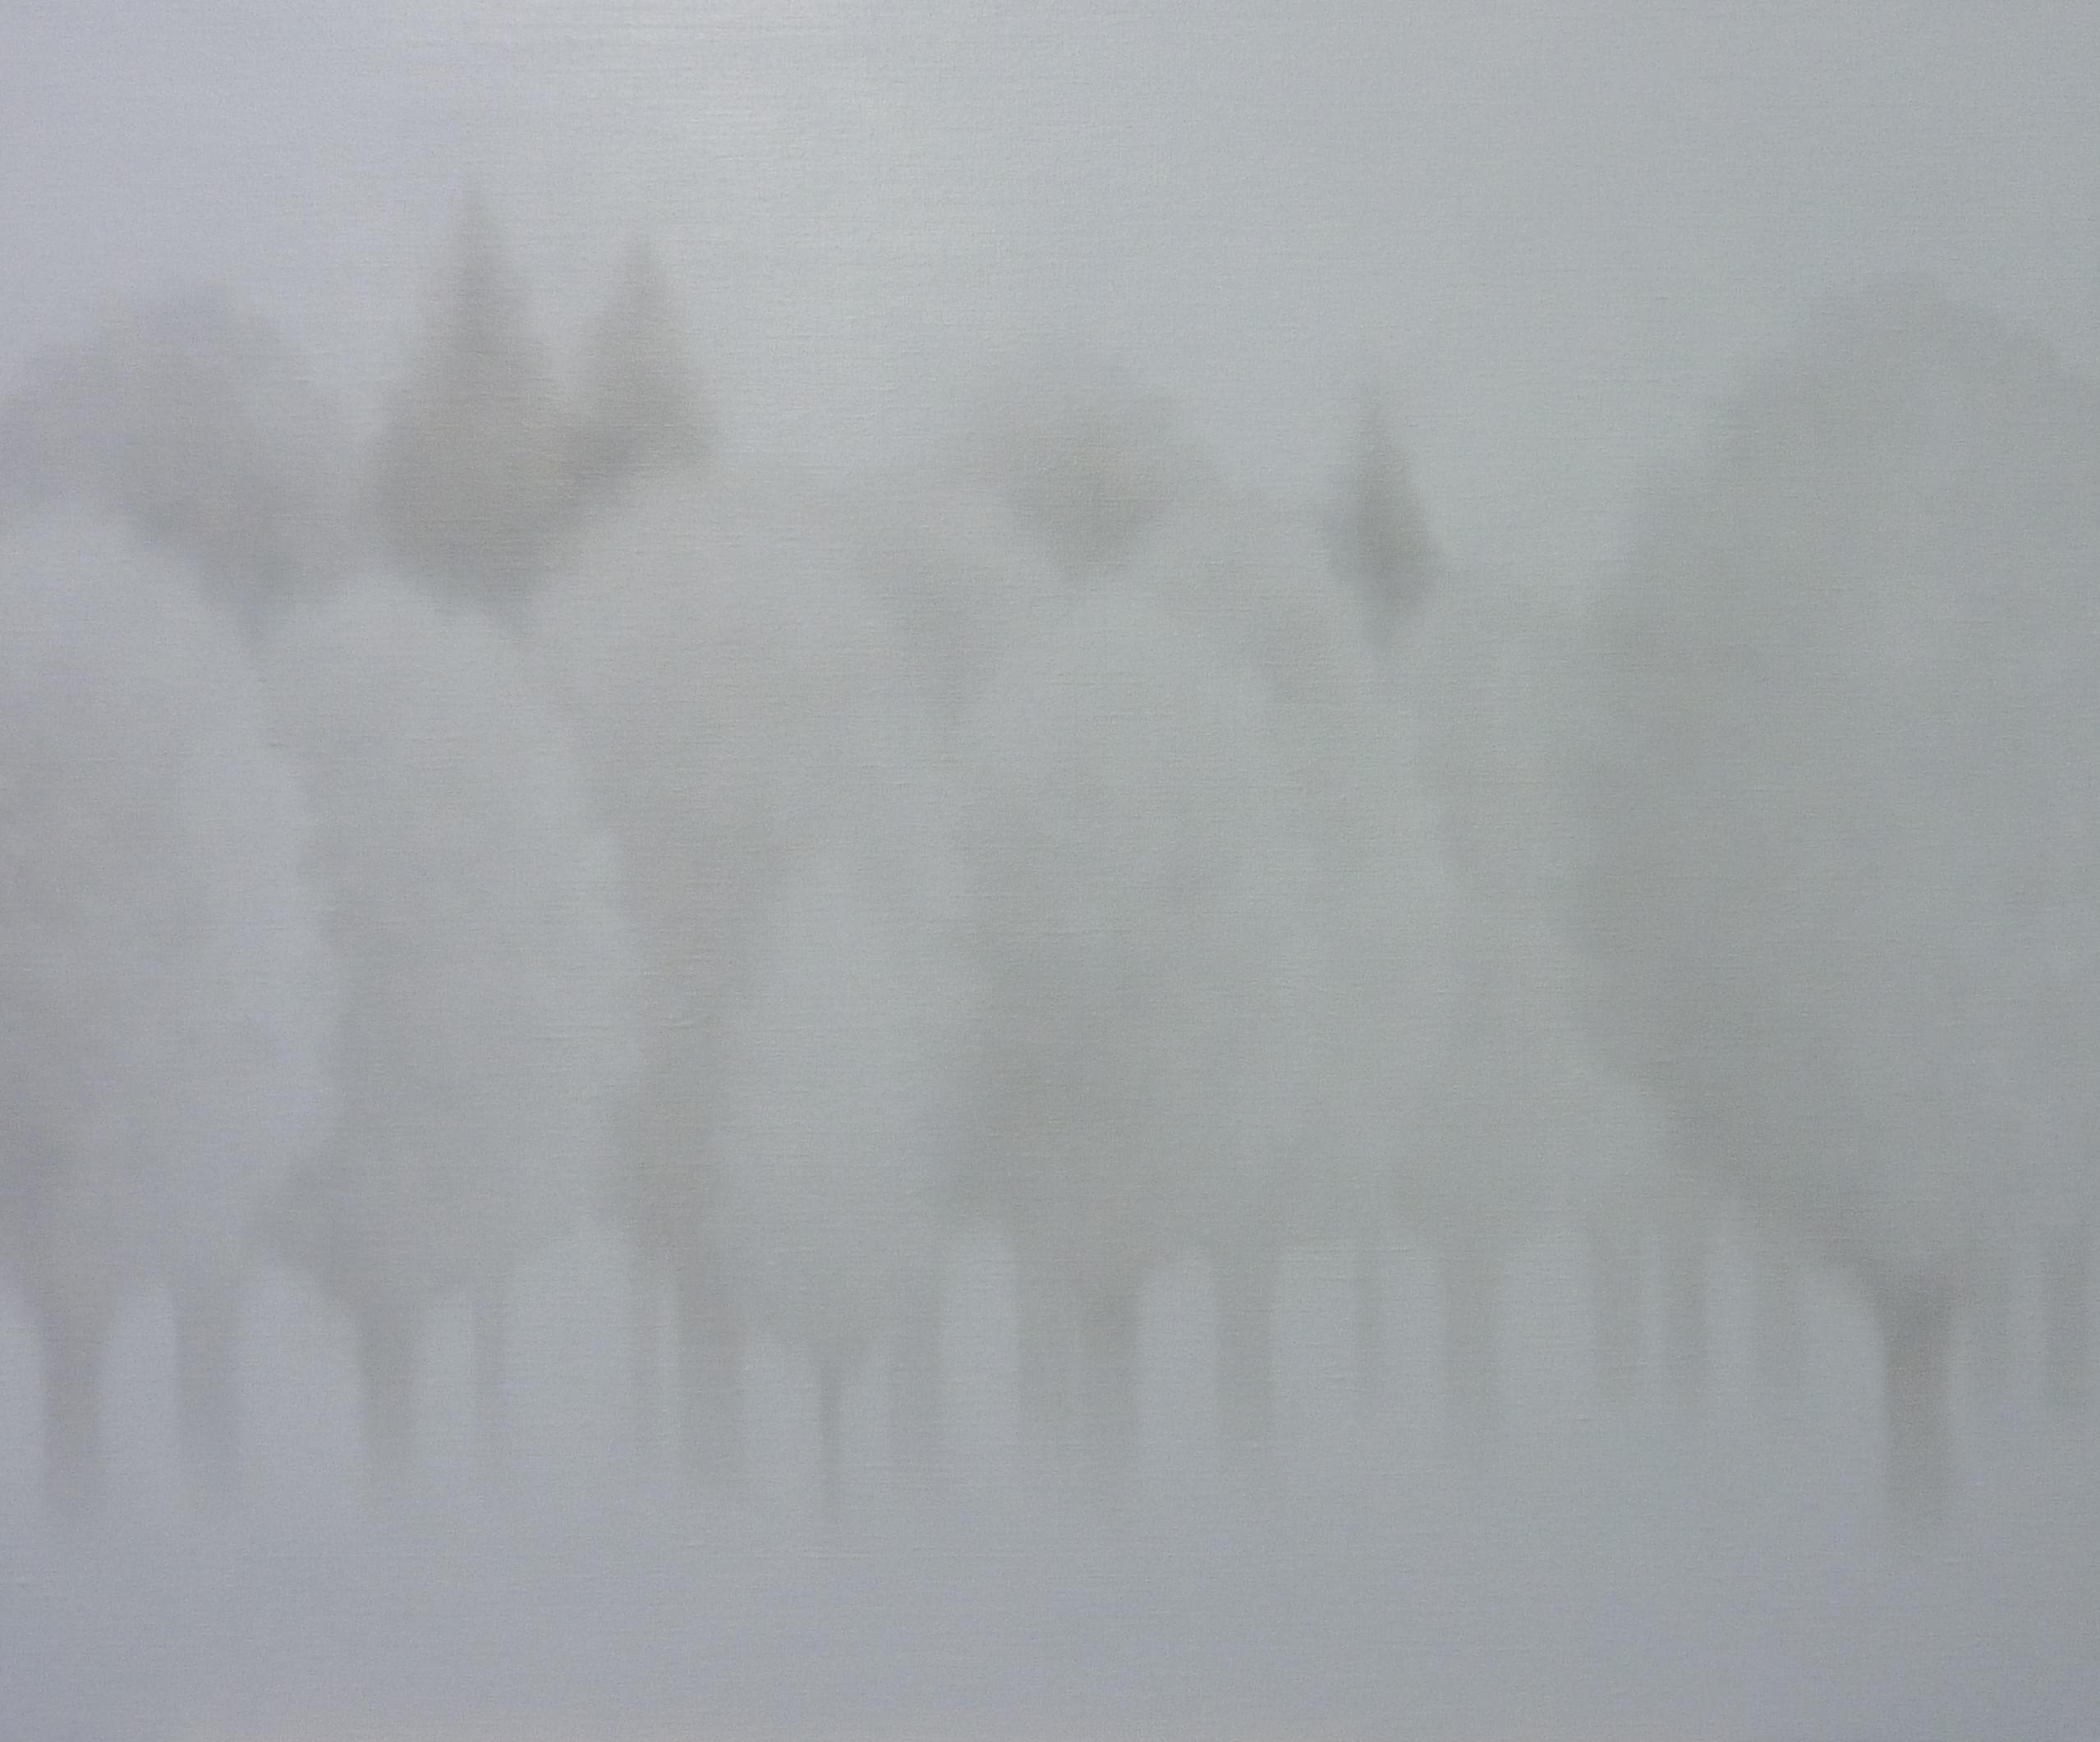 13-LW081. LEO WELLMAR Frozen Shadows Óleo sobre lienzo 130 x 162 cm 2015